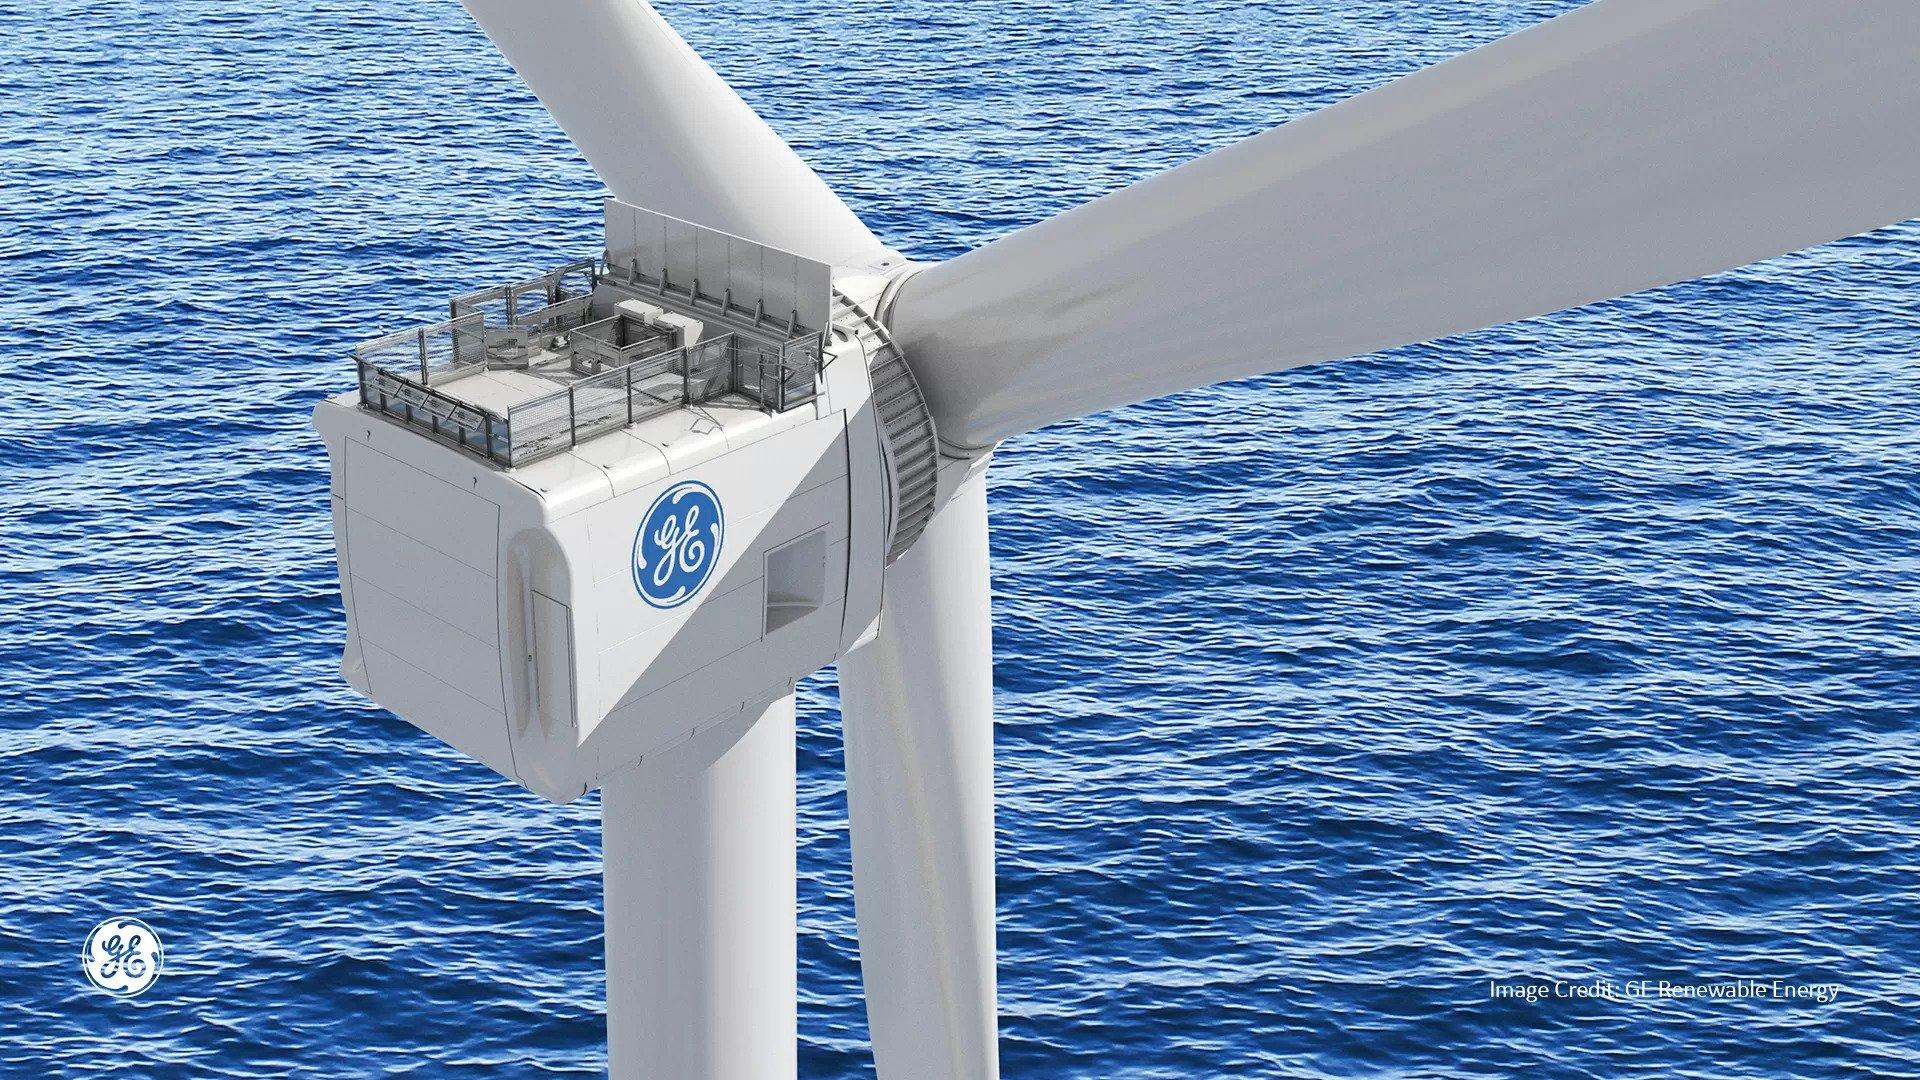 Source: GE Renewable Energy